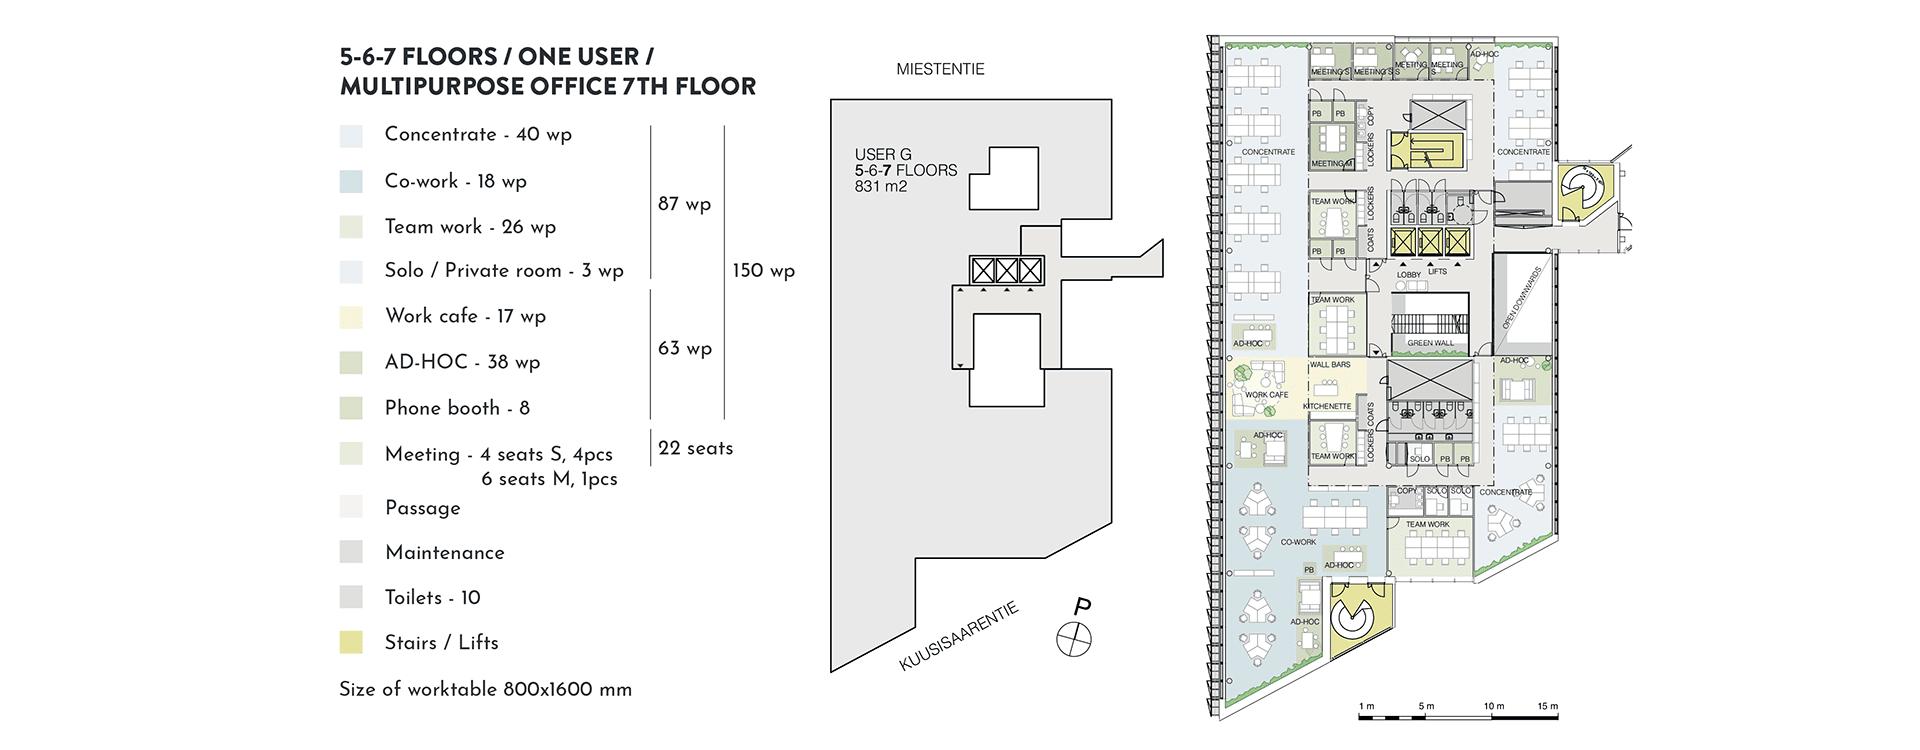 Swing House pohjapiirros monitilatoimisto yhdelle käyttäjälle, 7. krs., pinta-ala 831 m2/kerros